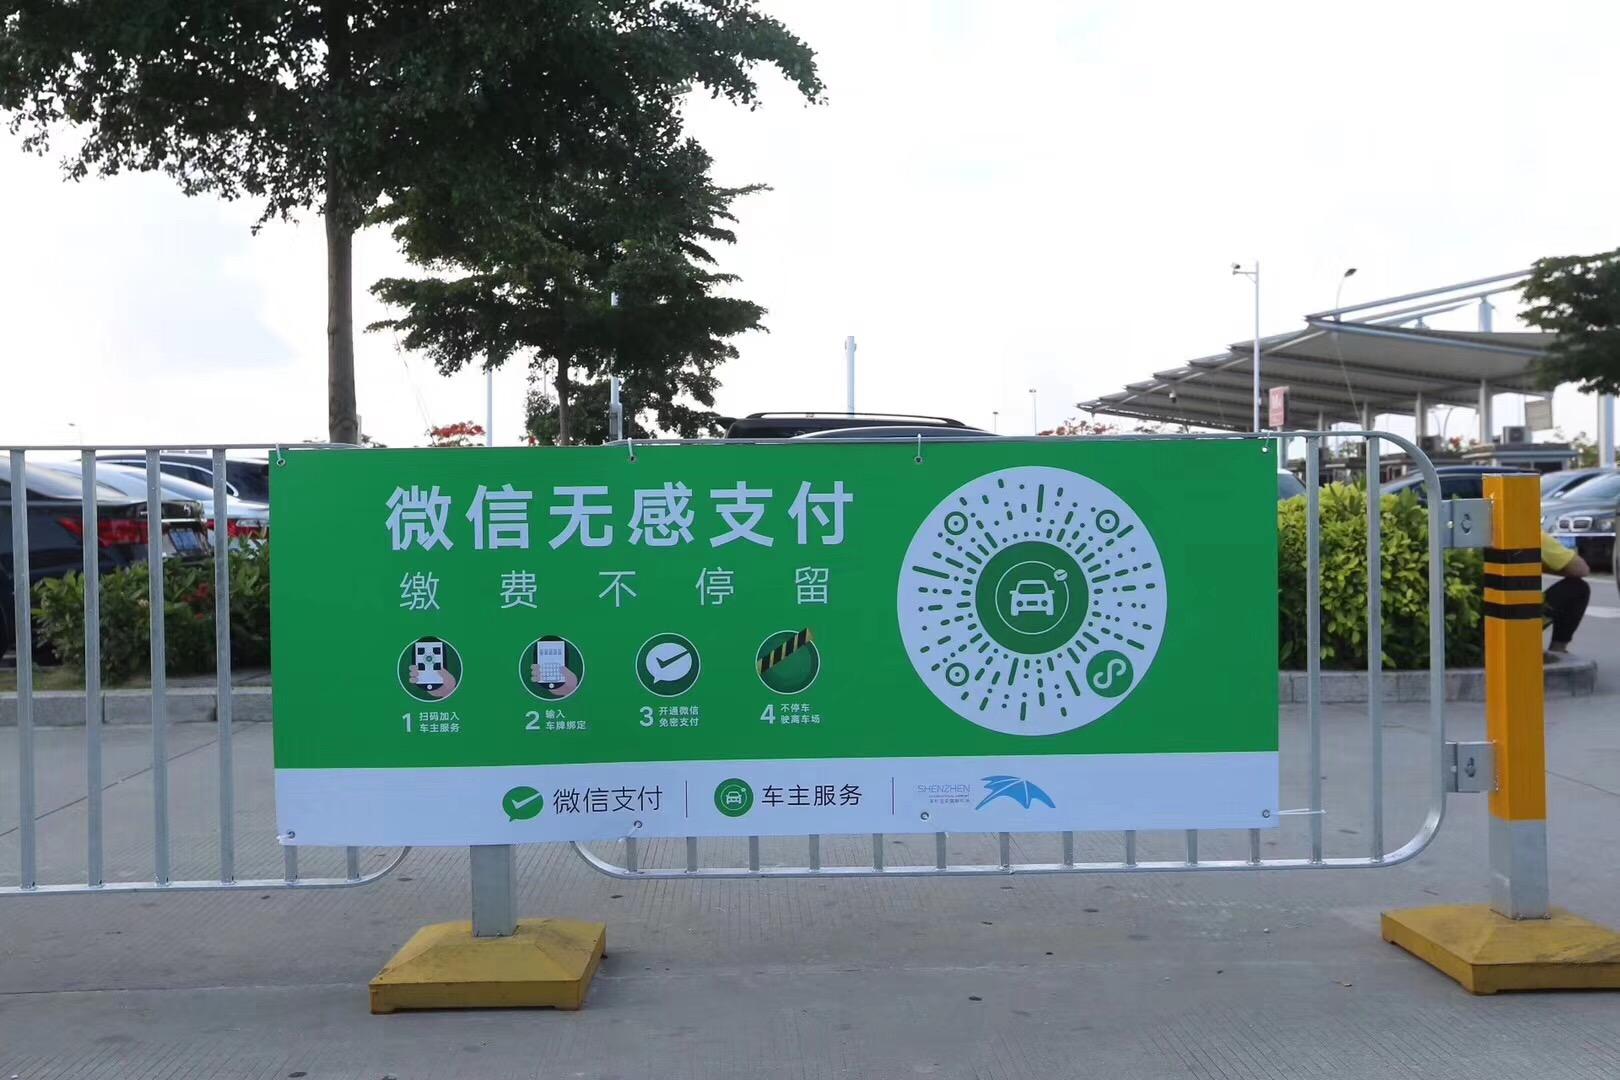 深圳机场携手微信支付打造首个机场微信无感支付停车场